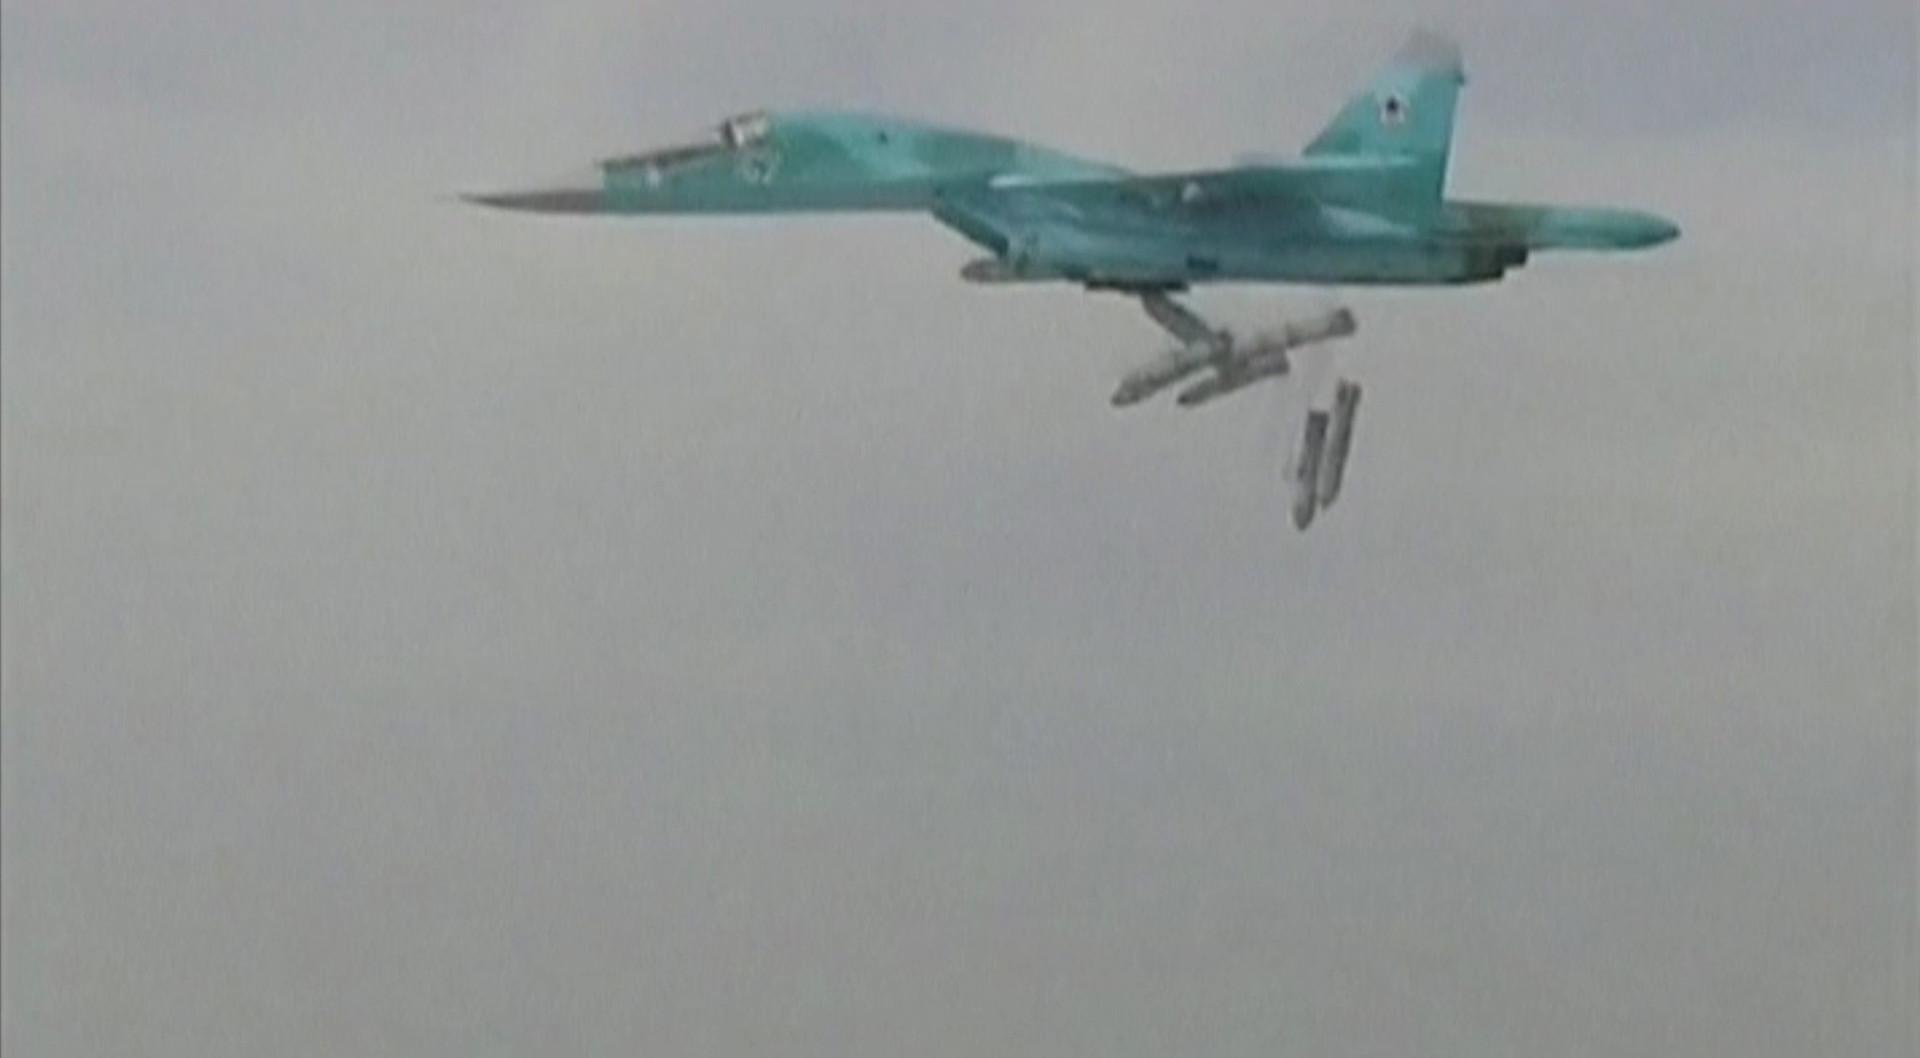 Кадр видеоролика, обнародованного Минобороны РФ, на котором показан российский бомбардировщик СУ-24. Самолет взлетел с иранской авиабазы Хамадан и направляется уничтожать цели террористов в сирийской провинции Дейр-эз-Заур